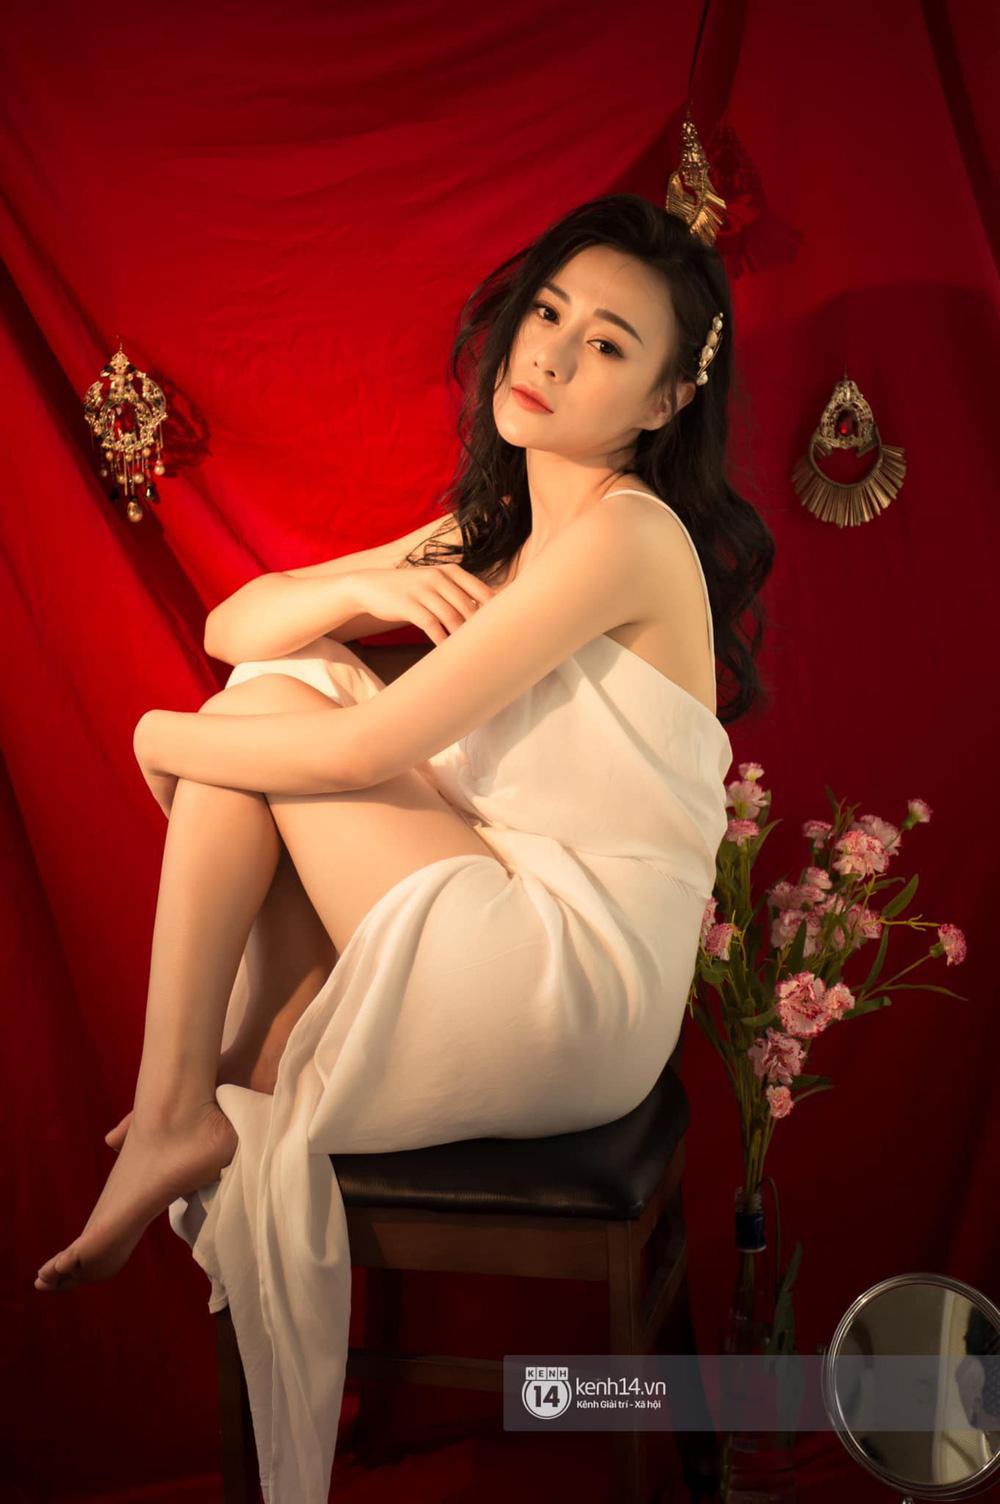 So kè 5 cô gái hội Tuesday màn ảnh Việt: Nóng bỏng từ phim đến đời thực, có người còn bị chê phản cảm vì khoe thân quá đà! - Ảnh 8.